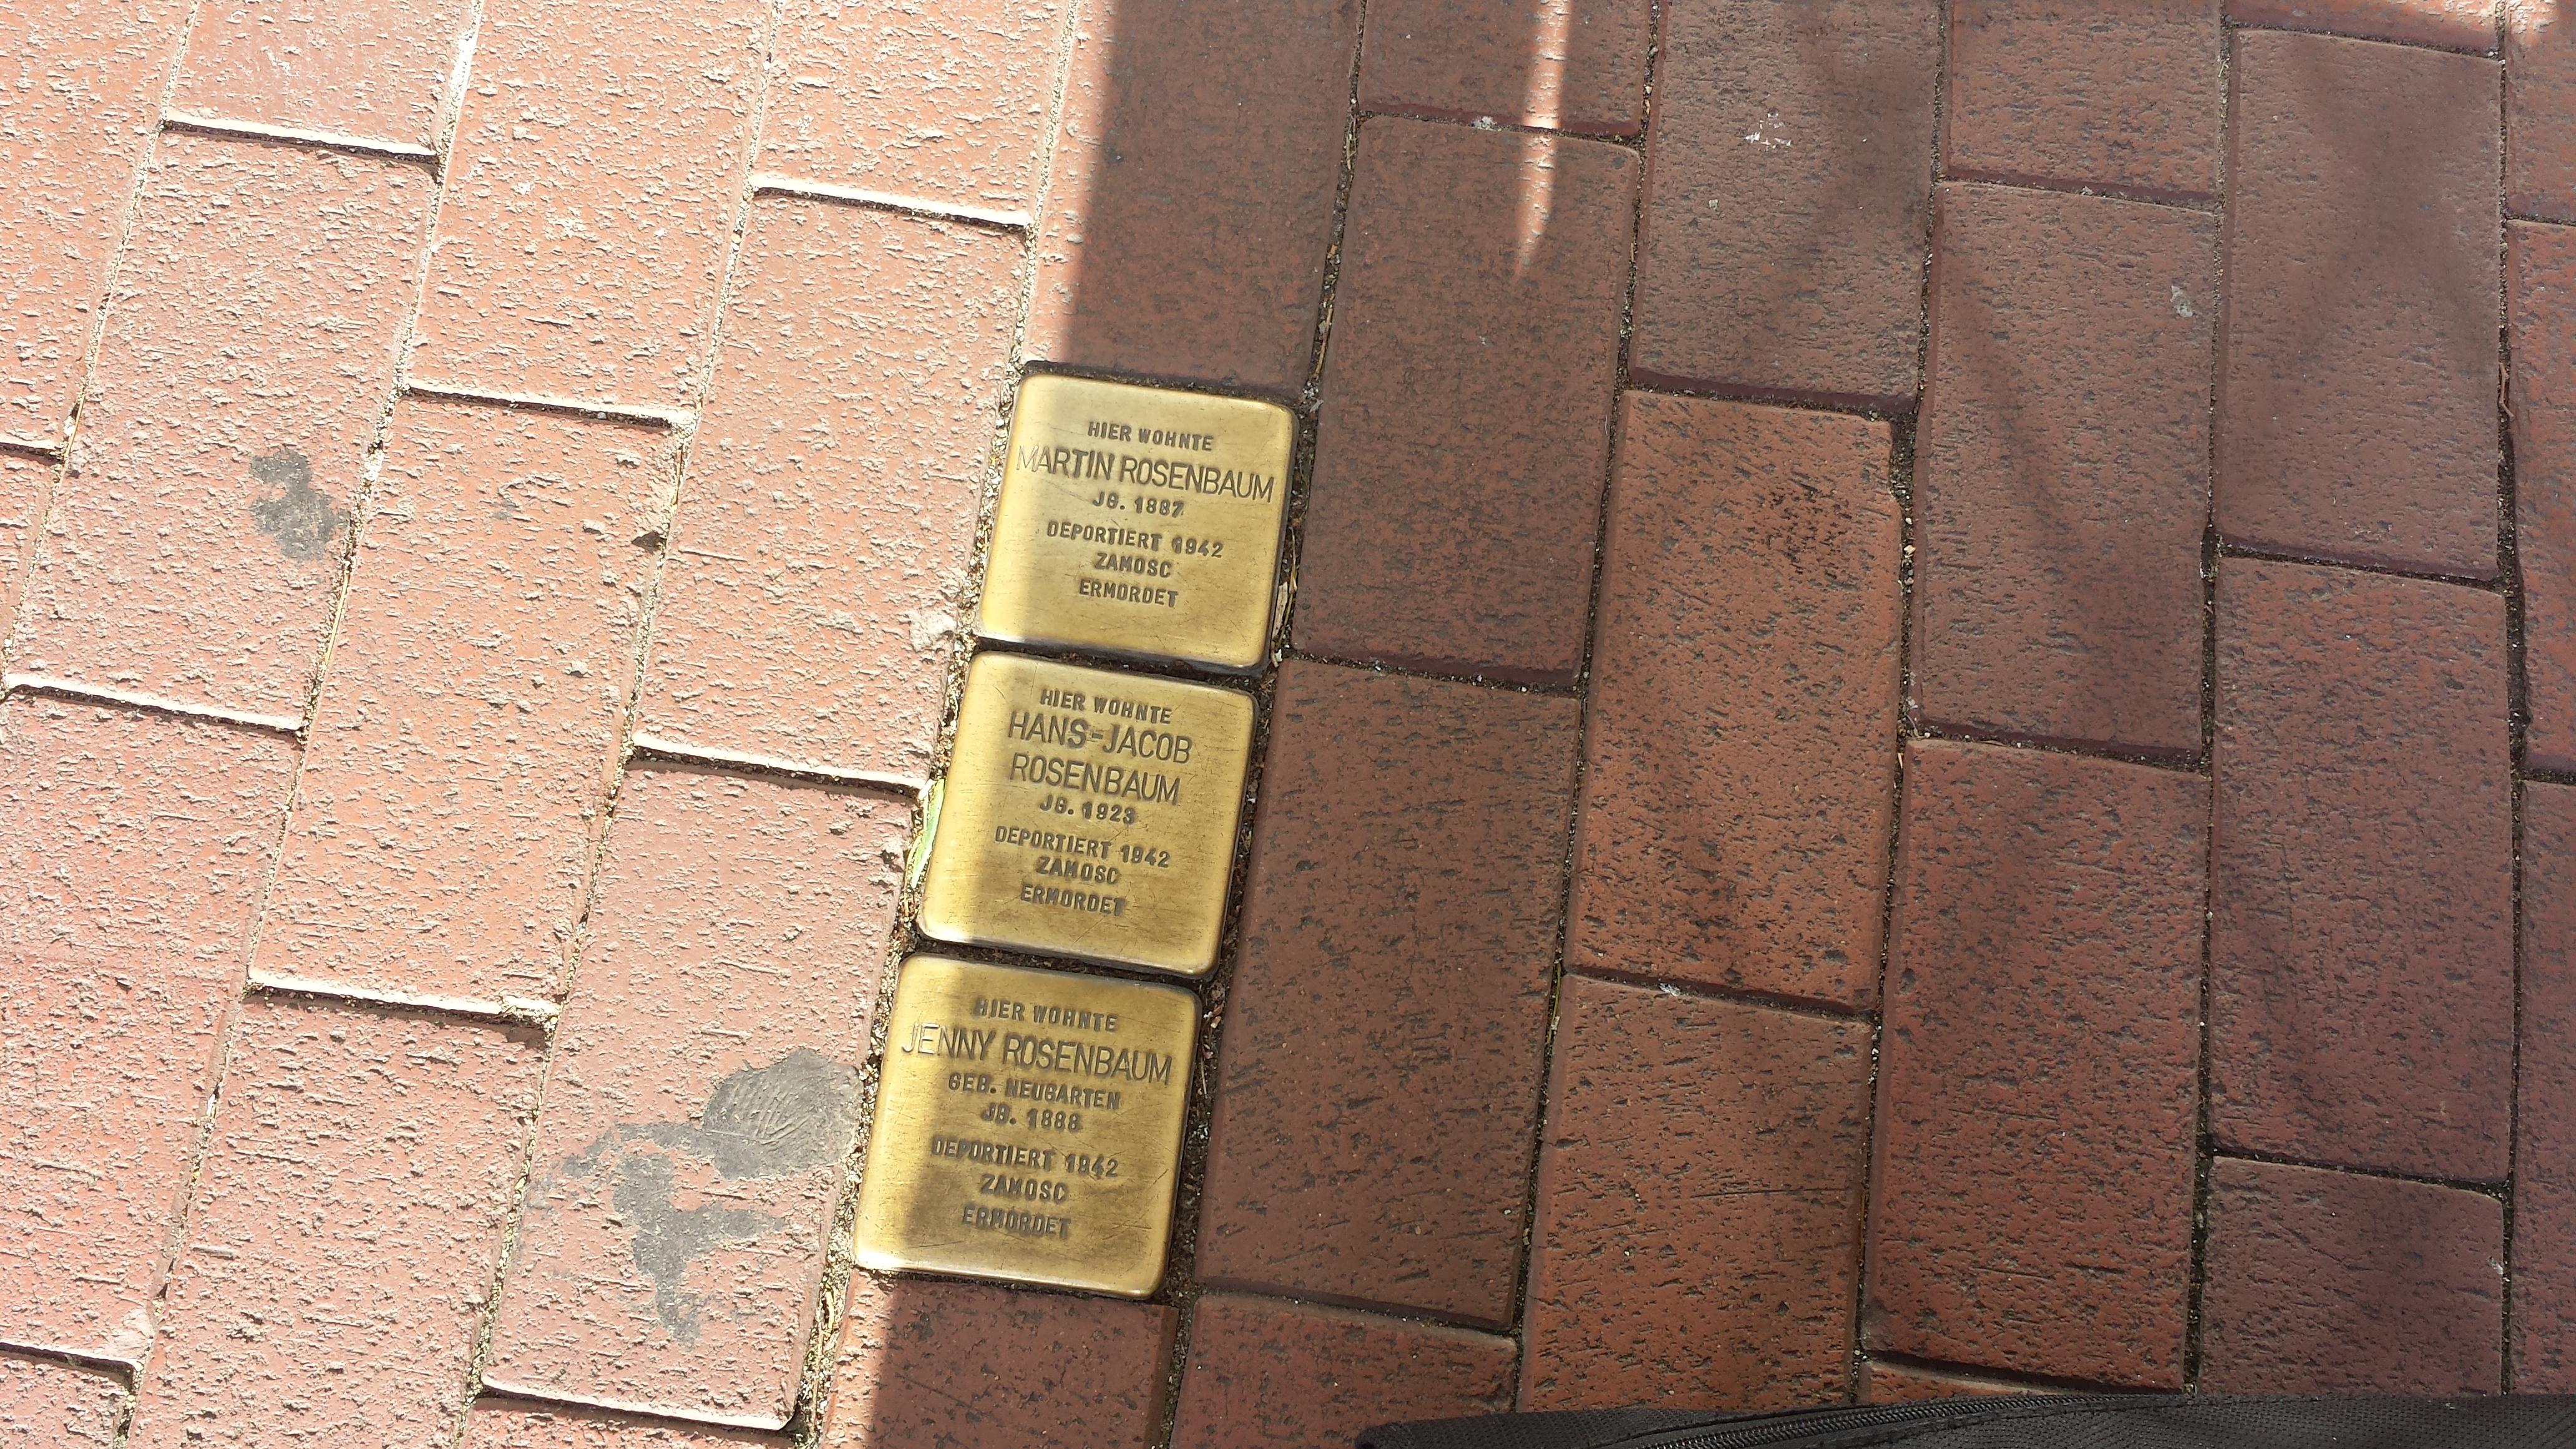 Stolperstein in Dortmund-Hombruch. Während woanders - auch in Erfurt - an die Reichspogromnacht der Nazis am 9. November 1938 erinnert wurde, rief ein thüringer  CDU-Mann zu einem Umzug gegen die LINKE und Bodo Ramelow ein; Foto: Stille